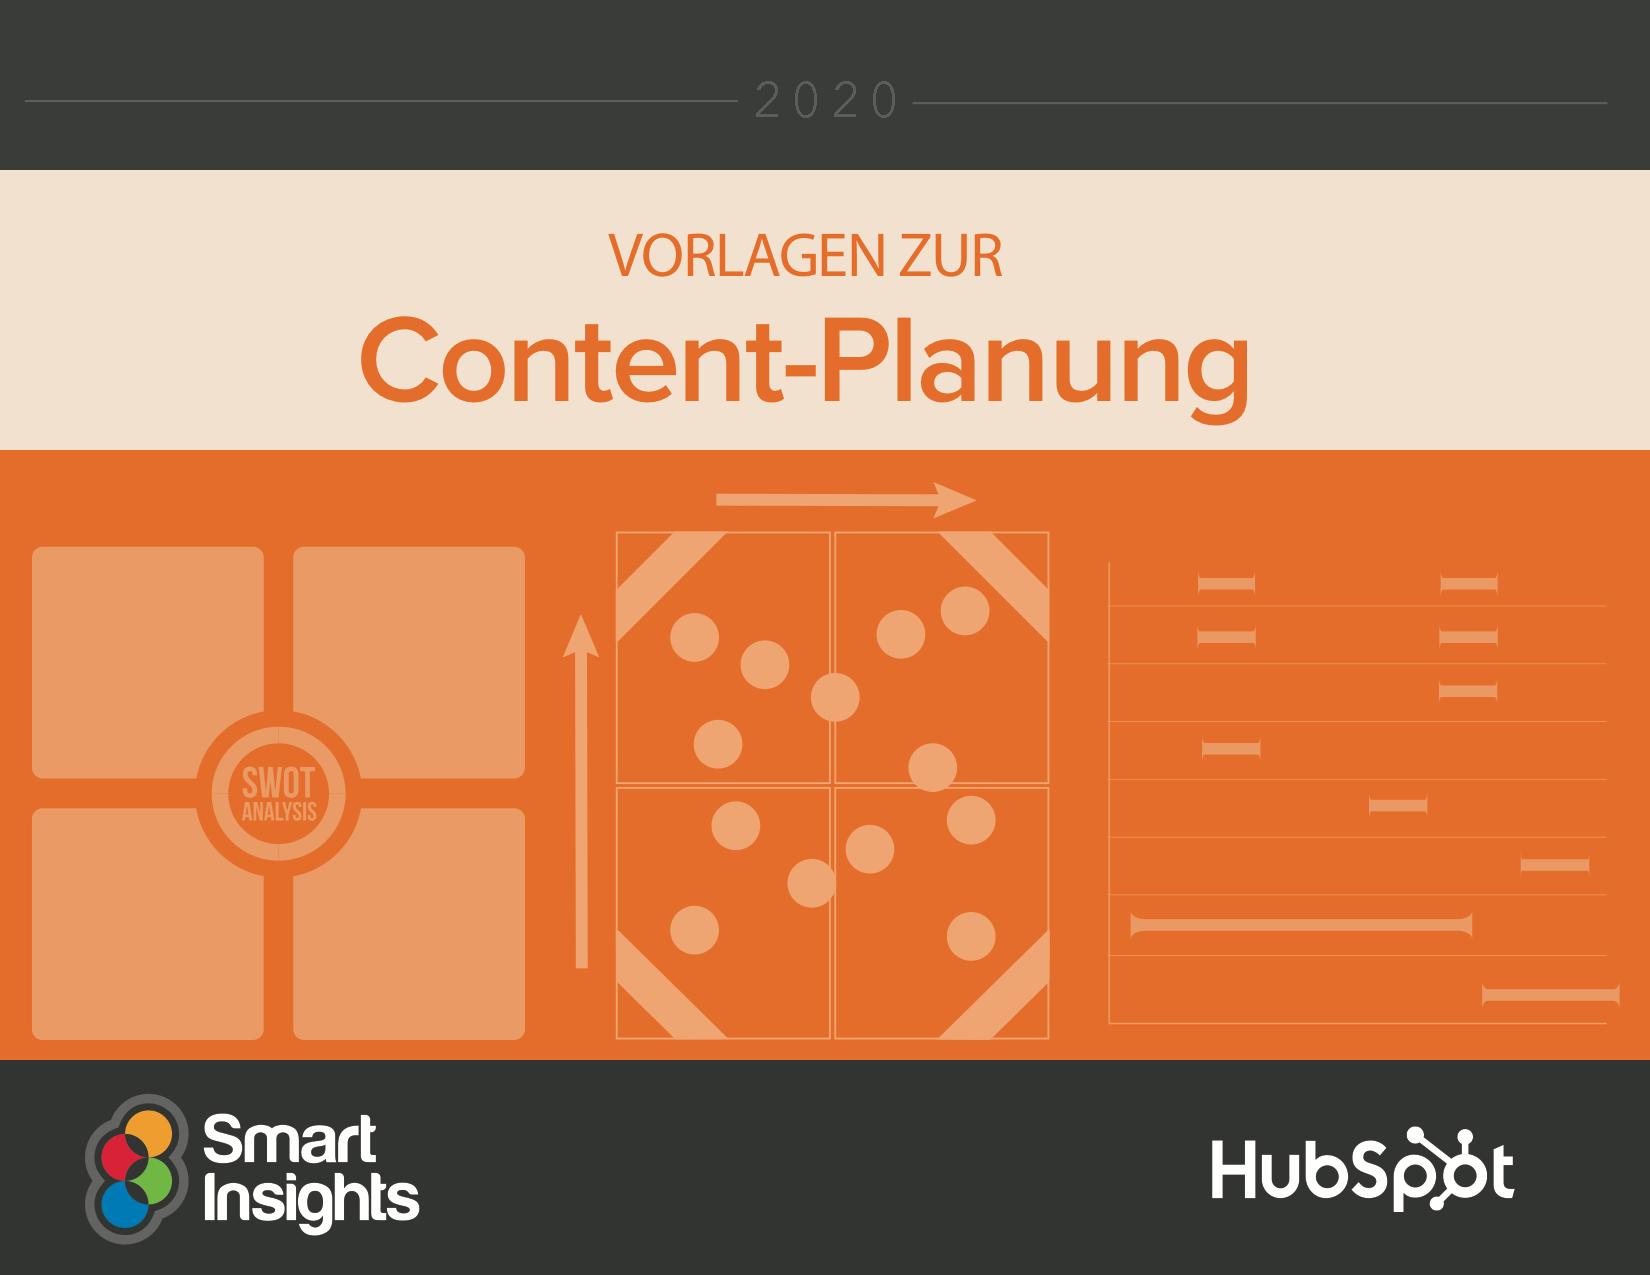 Vorlagen zur Content-Planung von HubSpot & Smart Insights – Vorschaubild 1